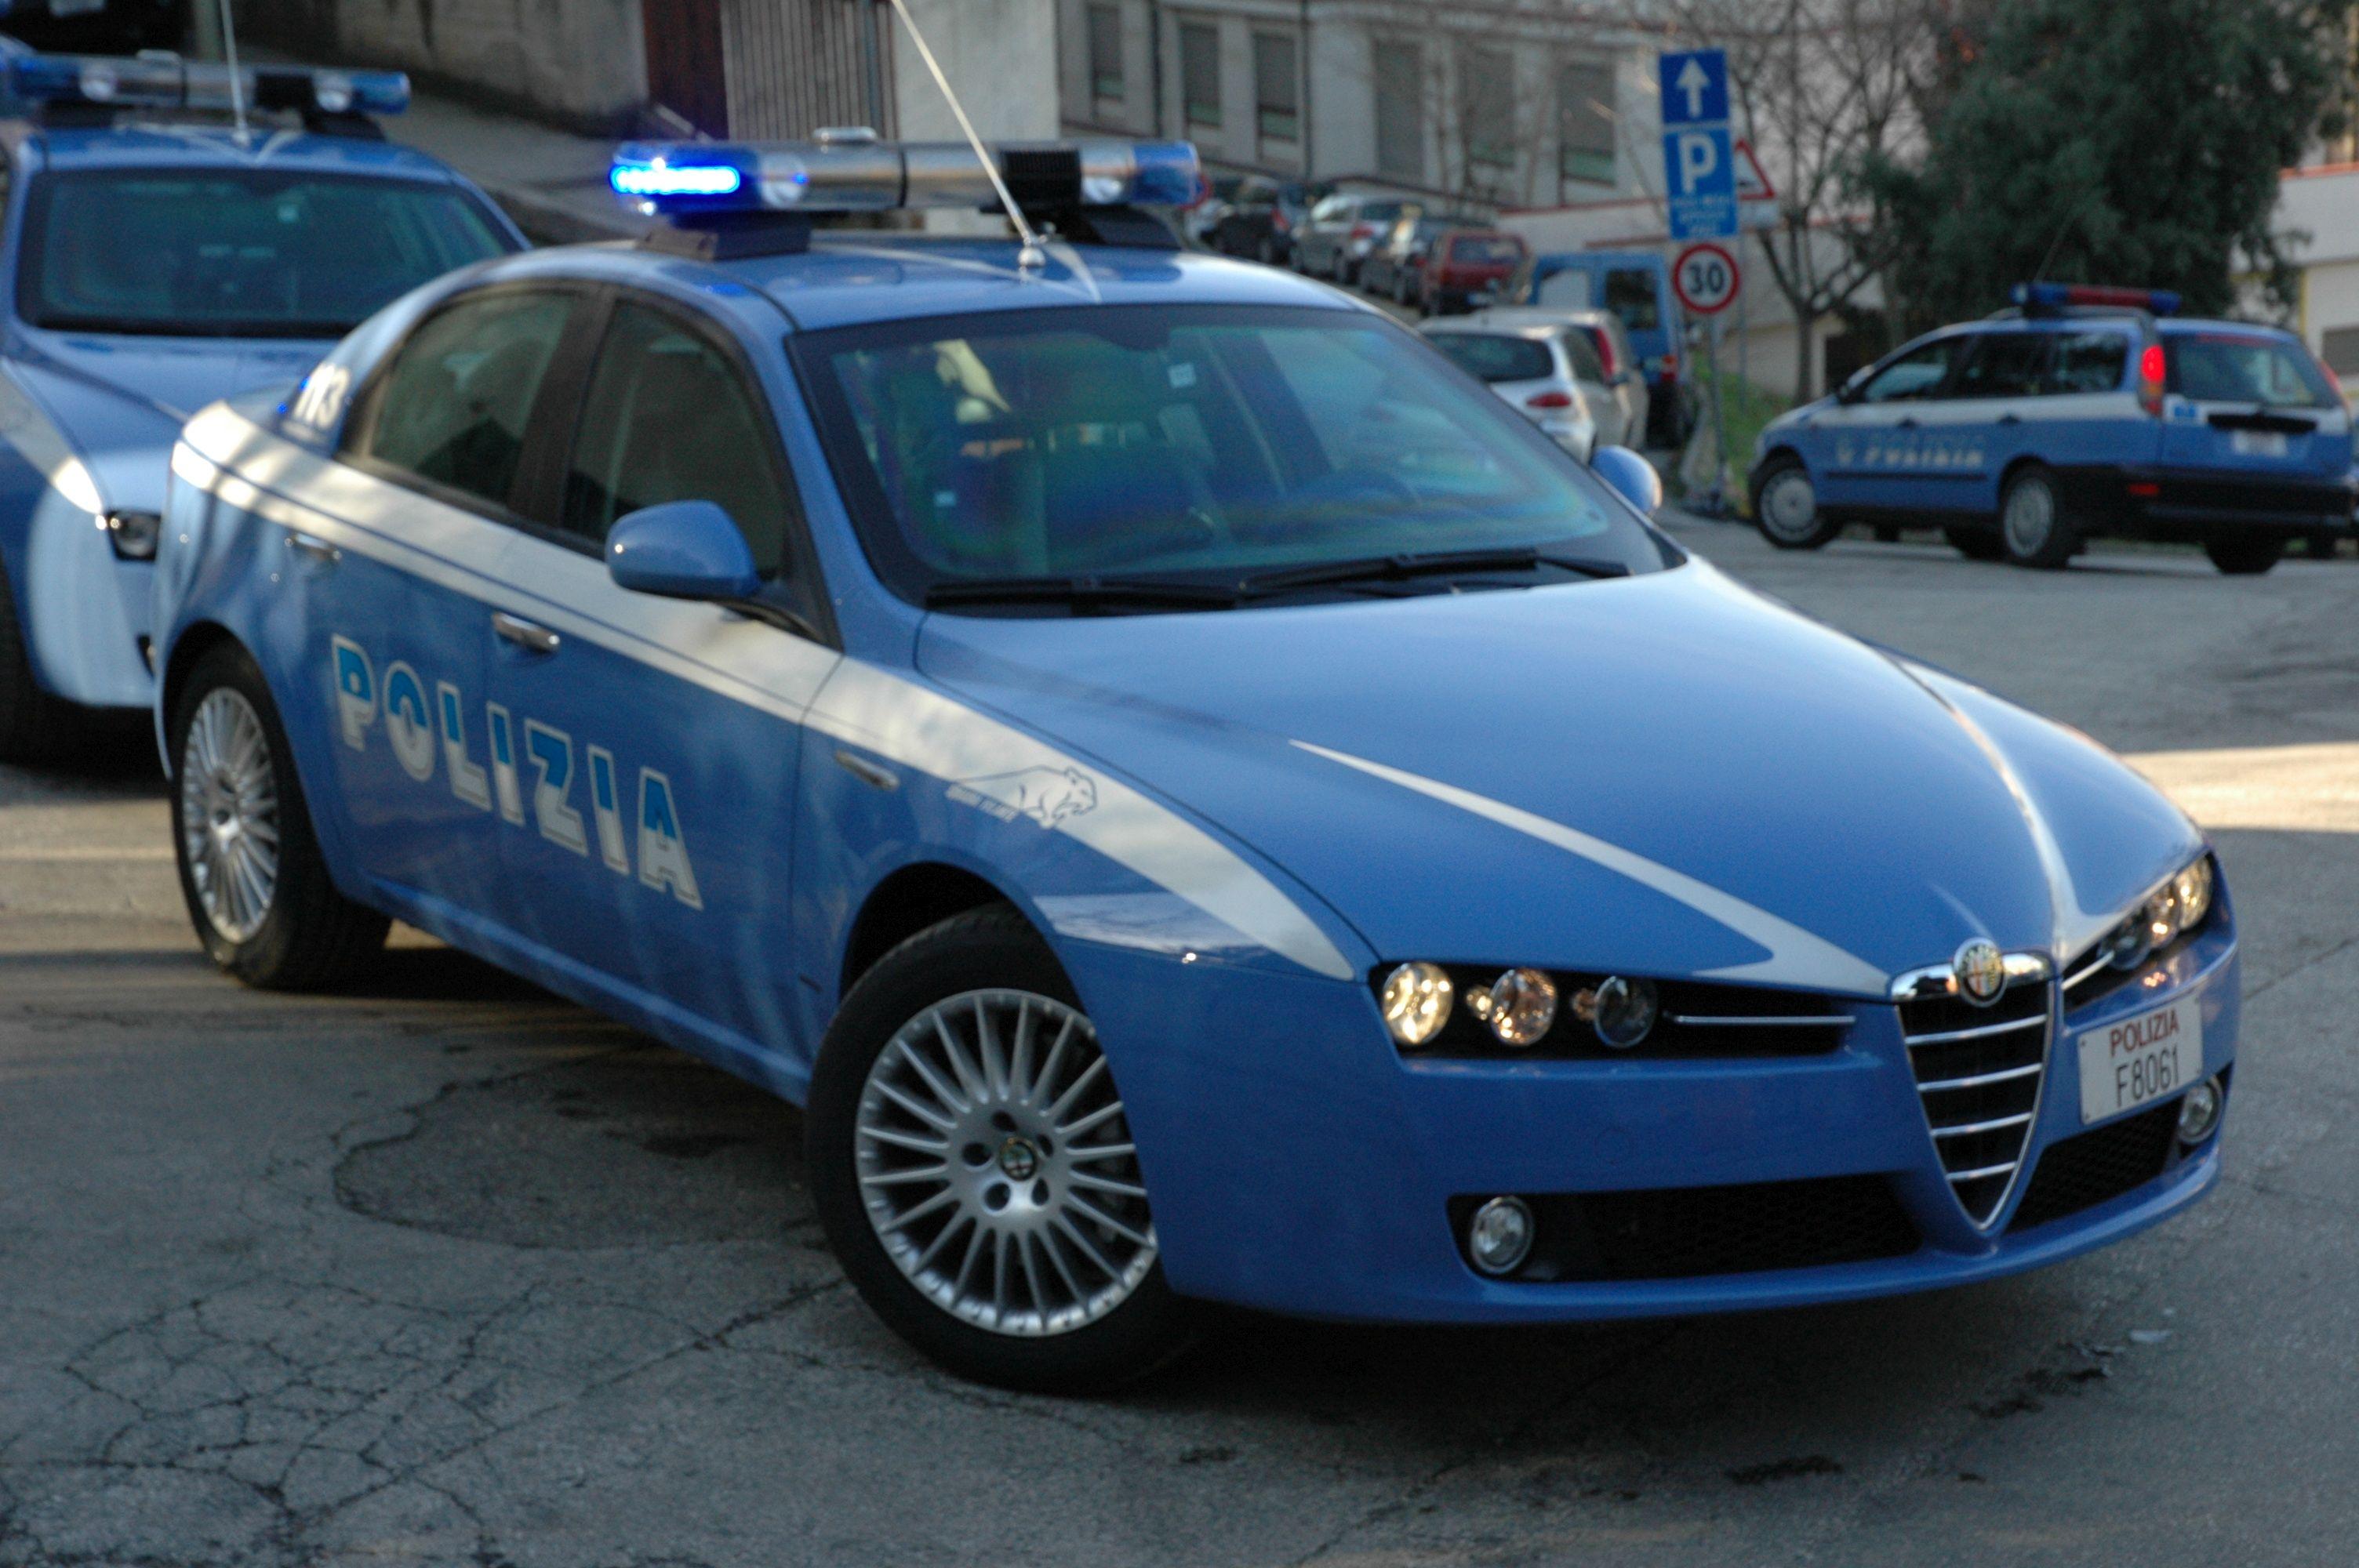 Pesaro, non si ferma allo stop e passa col rosso, inseguimento e veicolo sequestrato